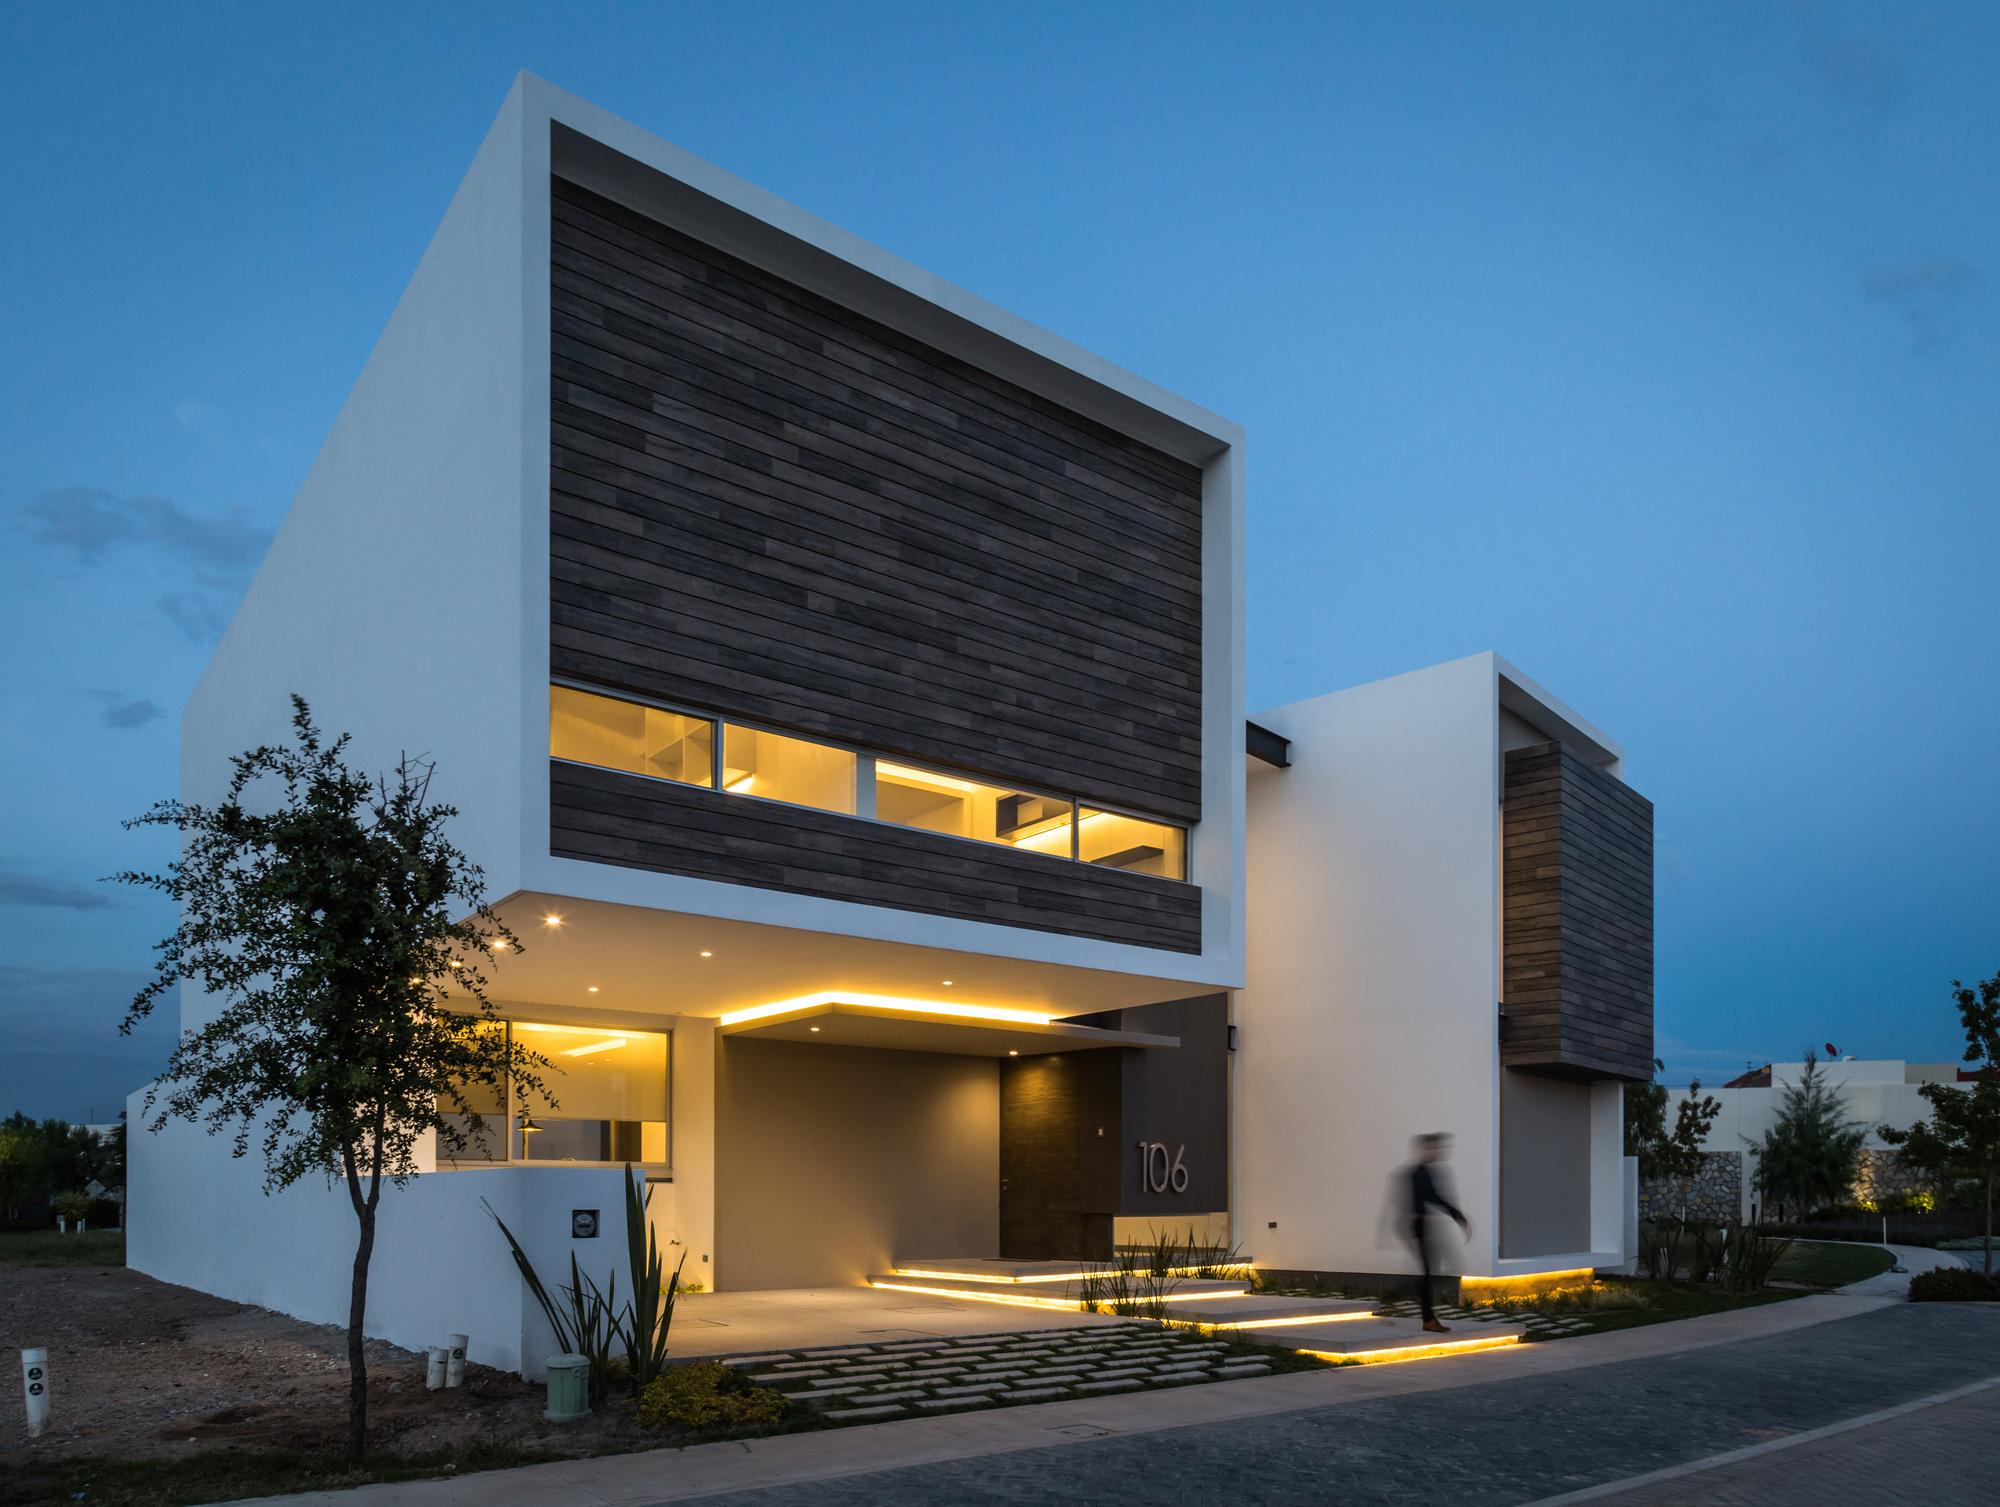 Galer a de casa r p adi arquitectura y dise o interior 18 for Arquitectura y diseno interior